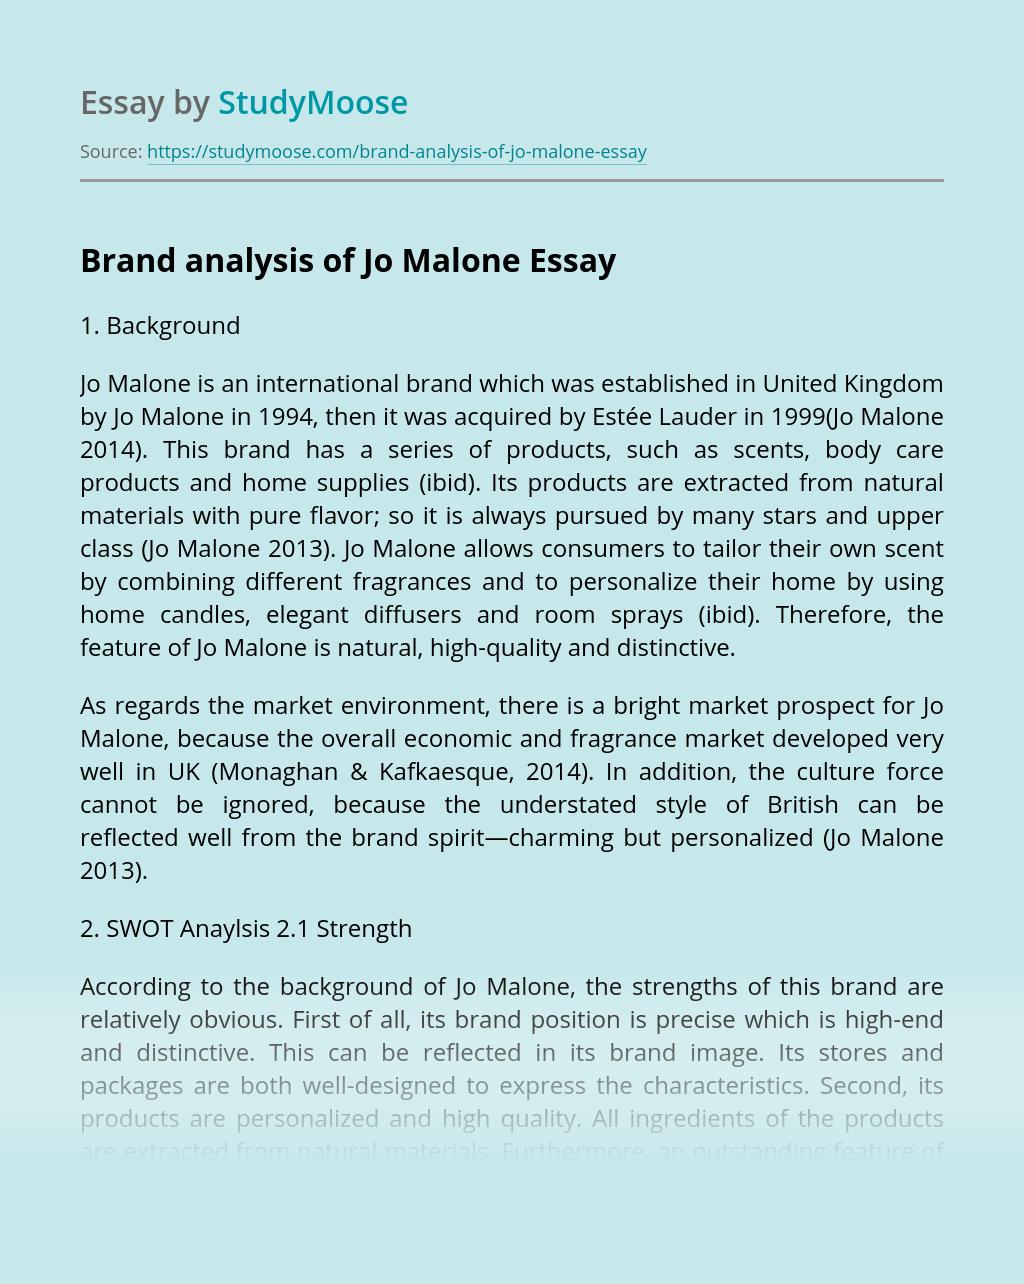 Brand analysis of Jo Malone